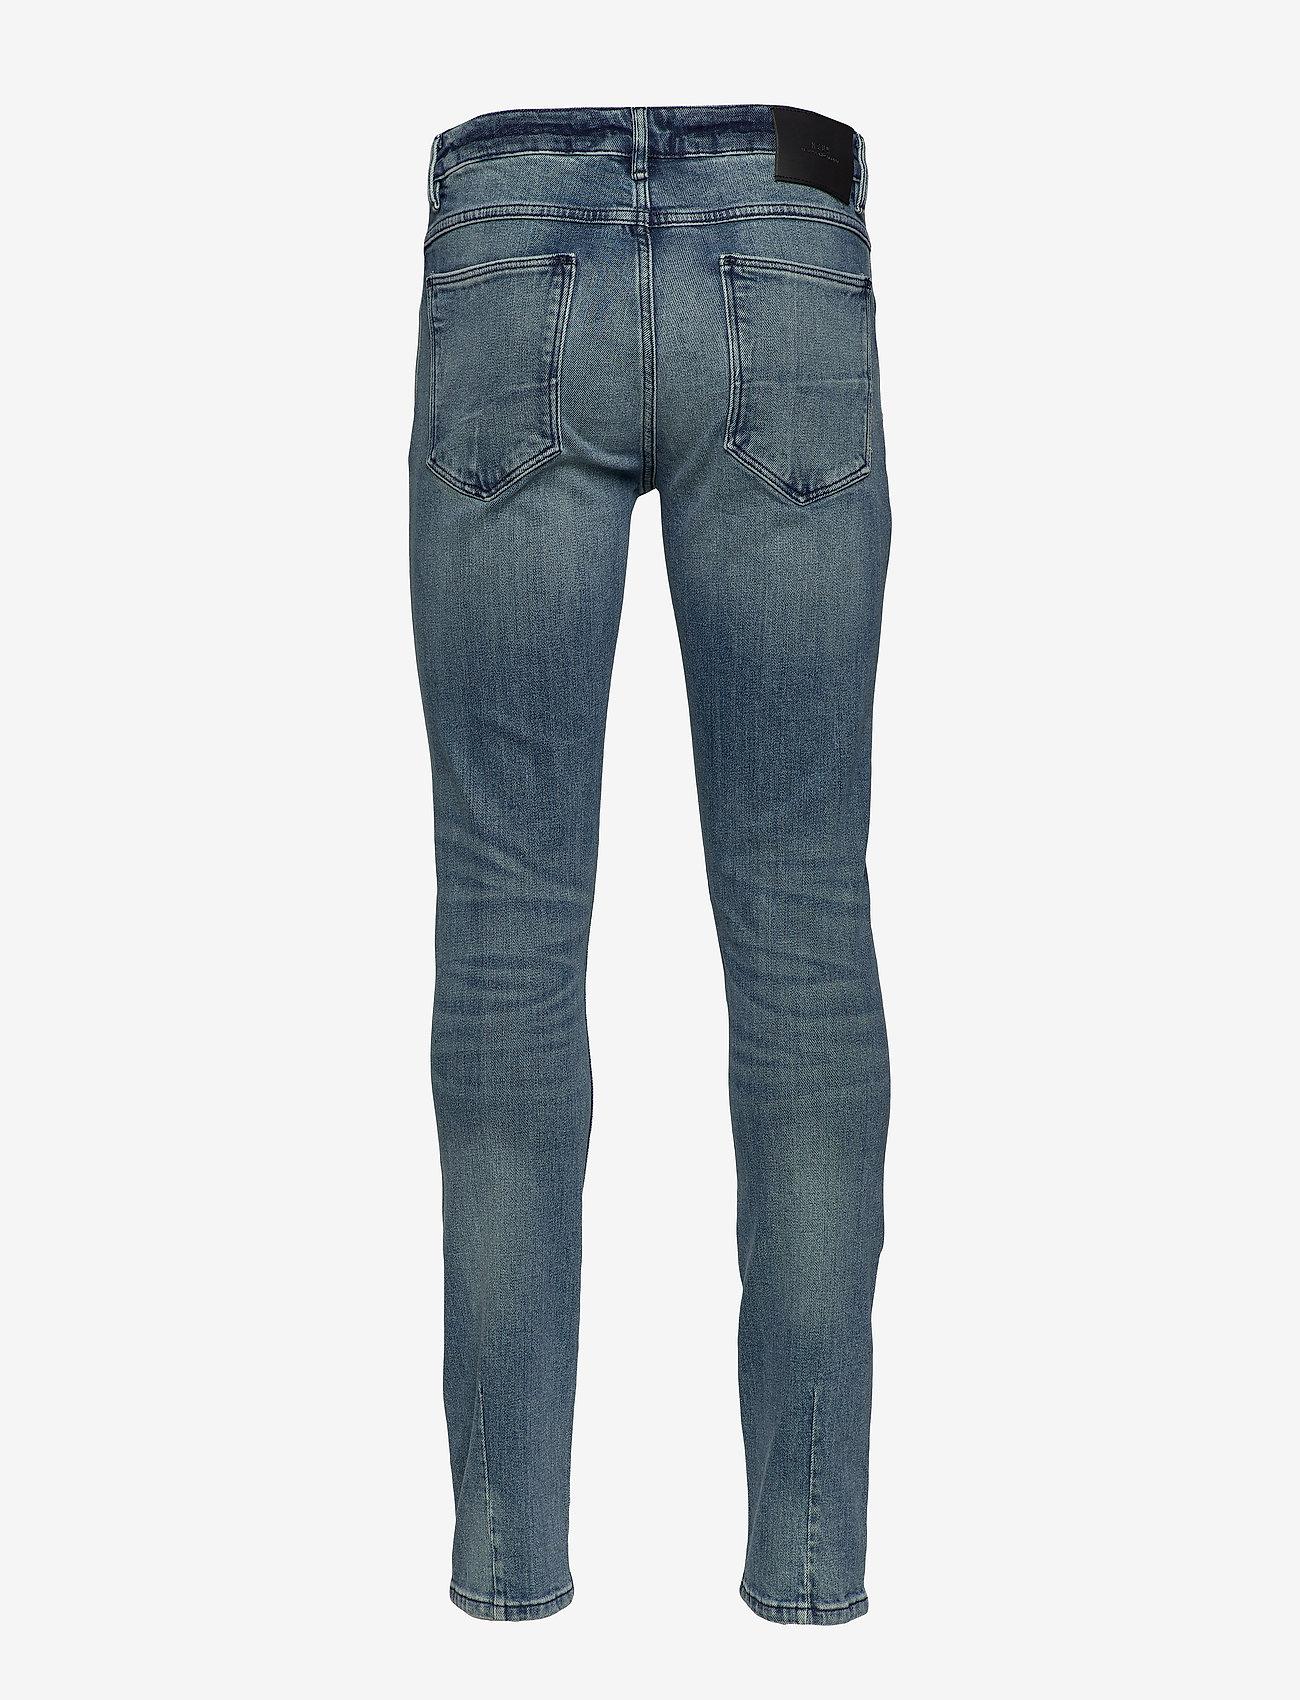 NEUW - IGGY SKINNY - skinny jeans - ceremony - 1